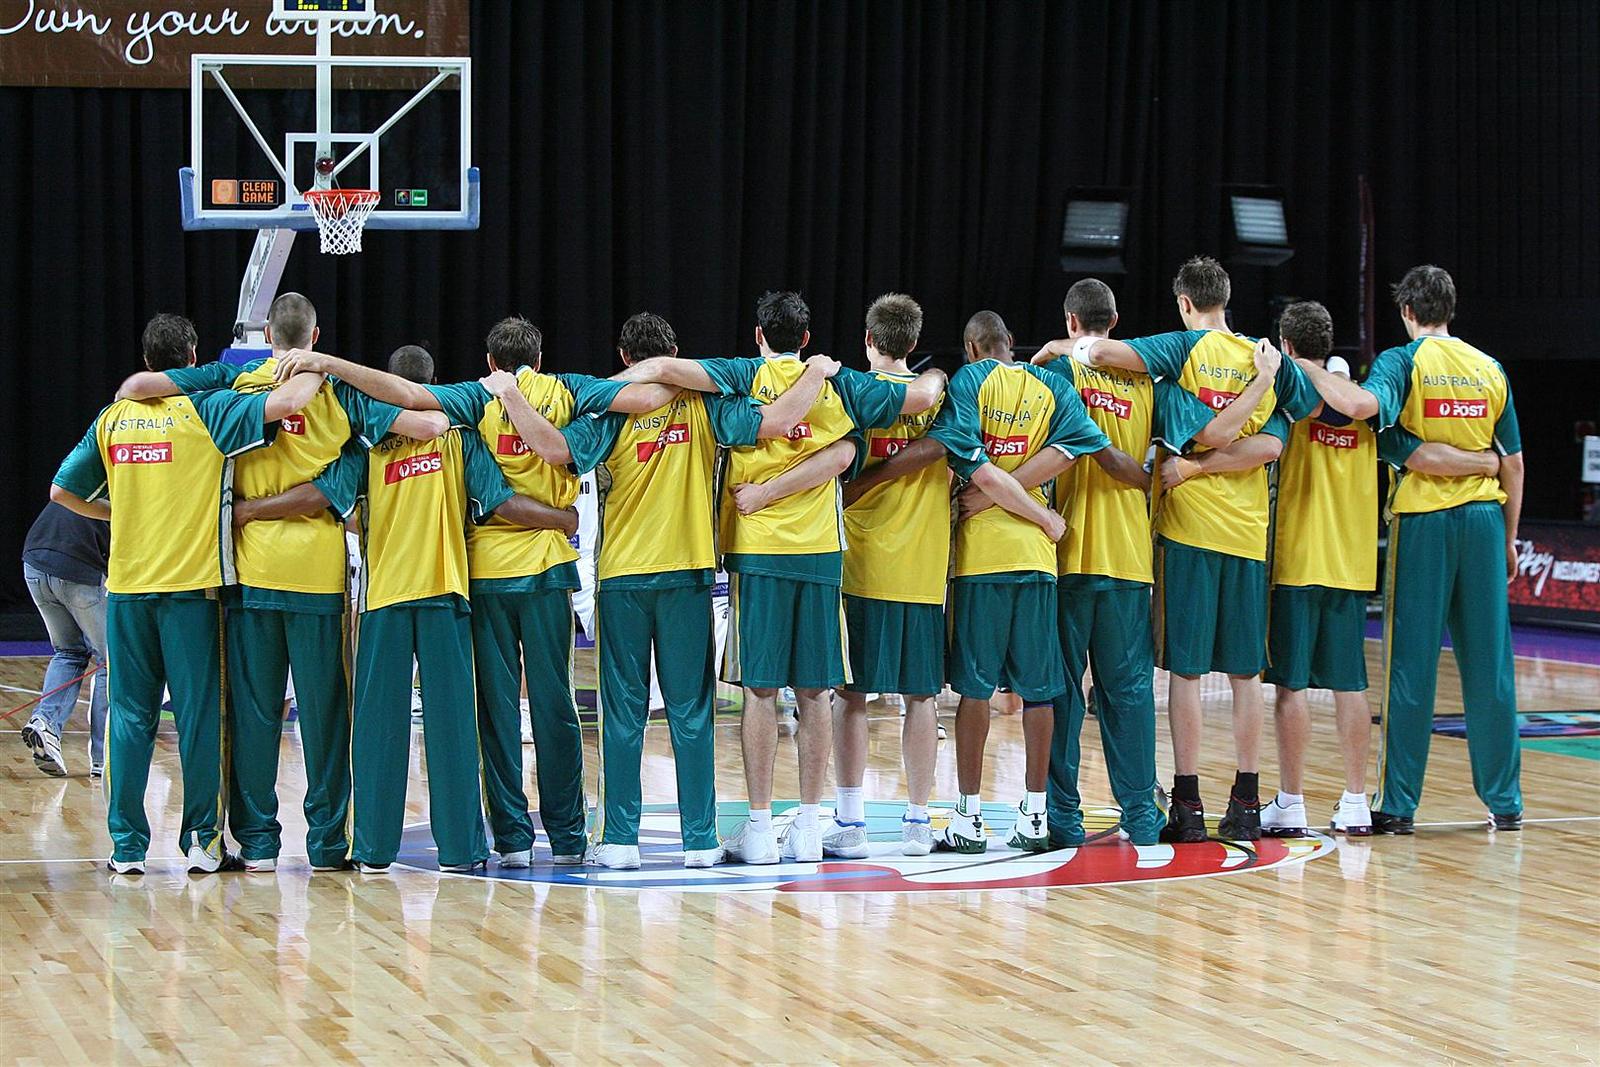 Aust Vs NZ 2006